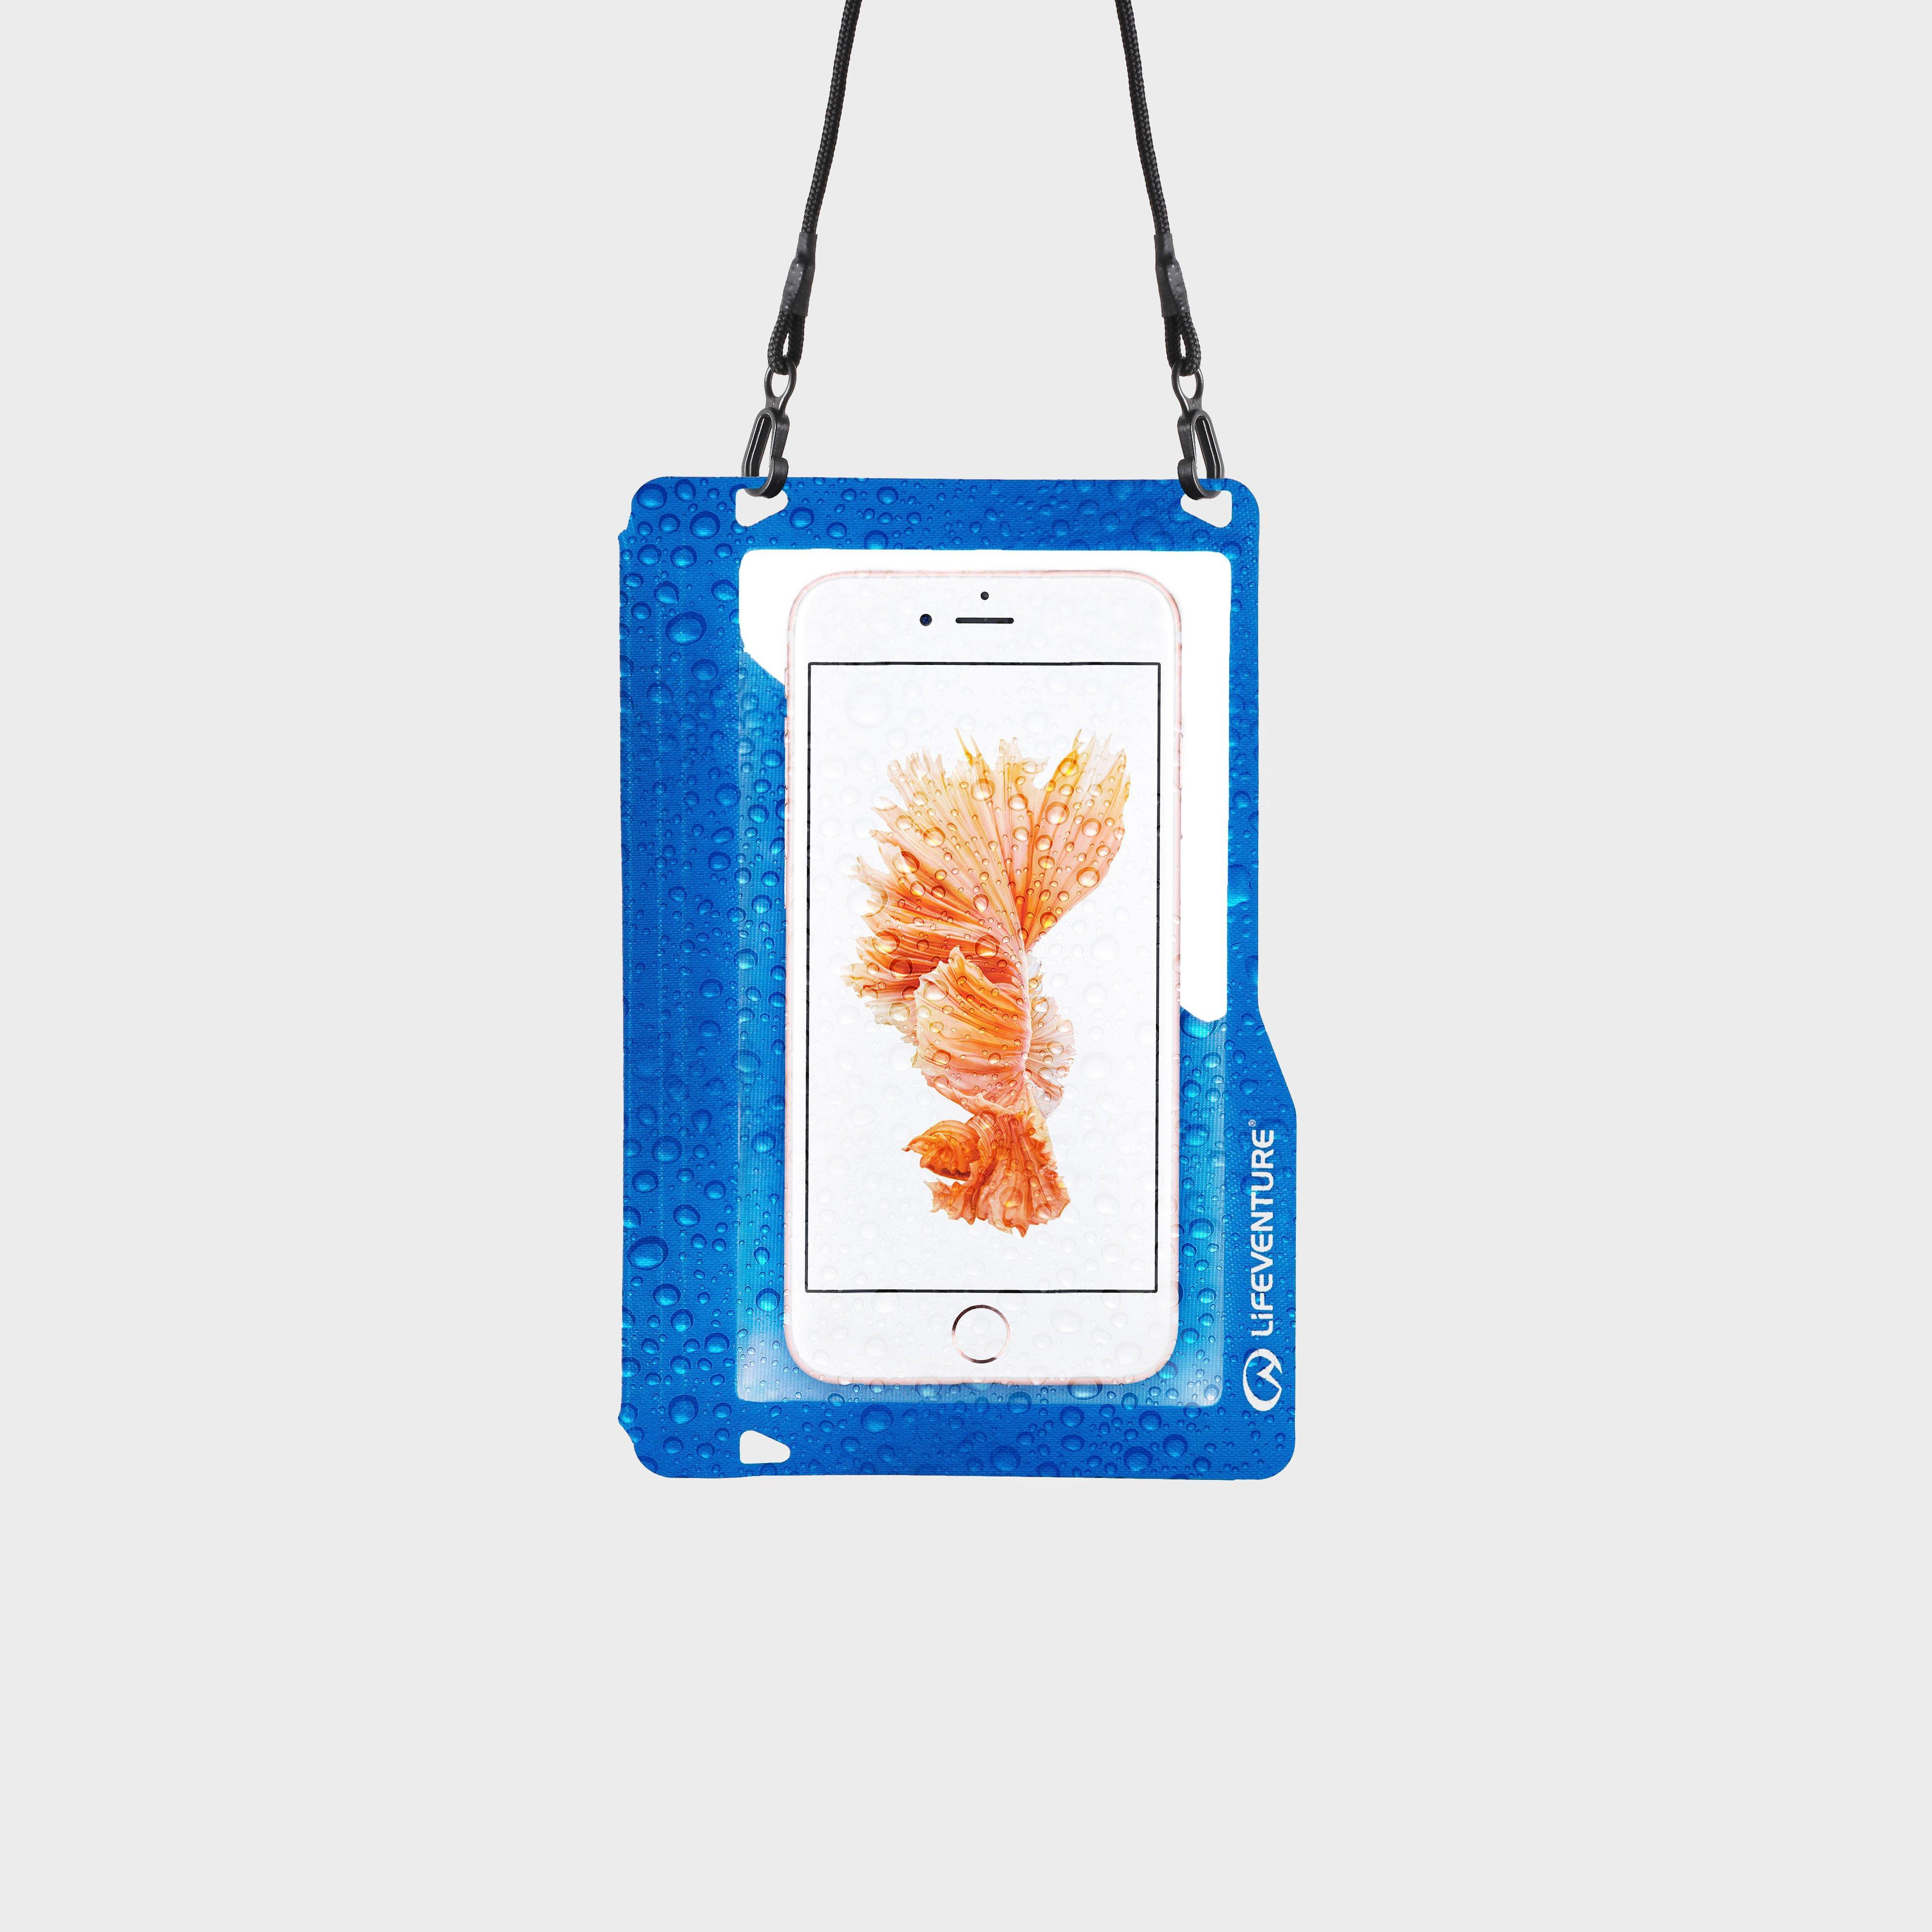 Lifeventure Hydroseal Phone Case - Blue/plus  Blue/plus